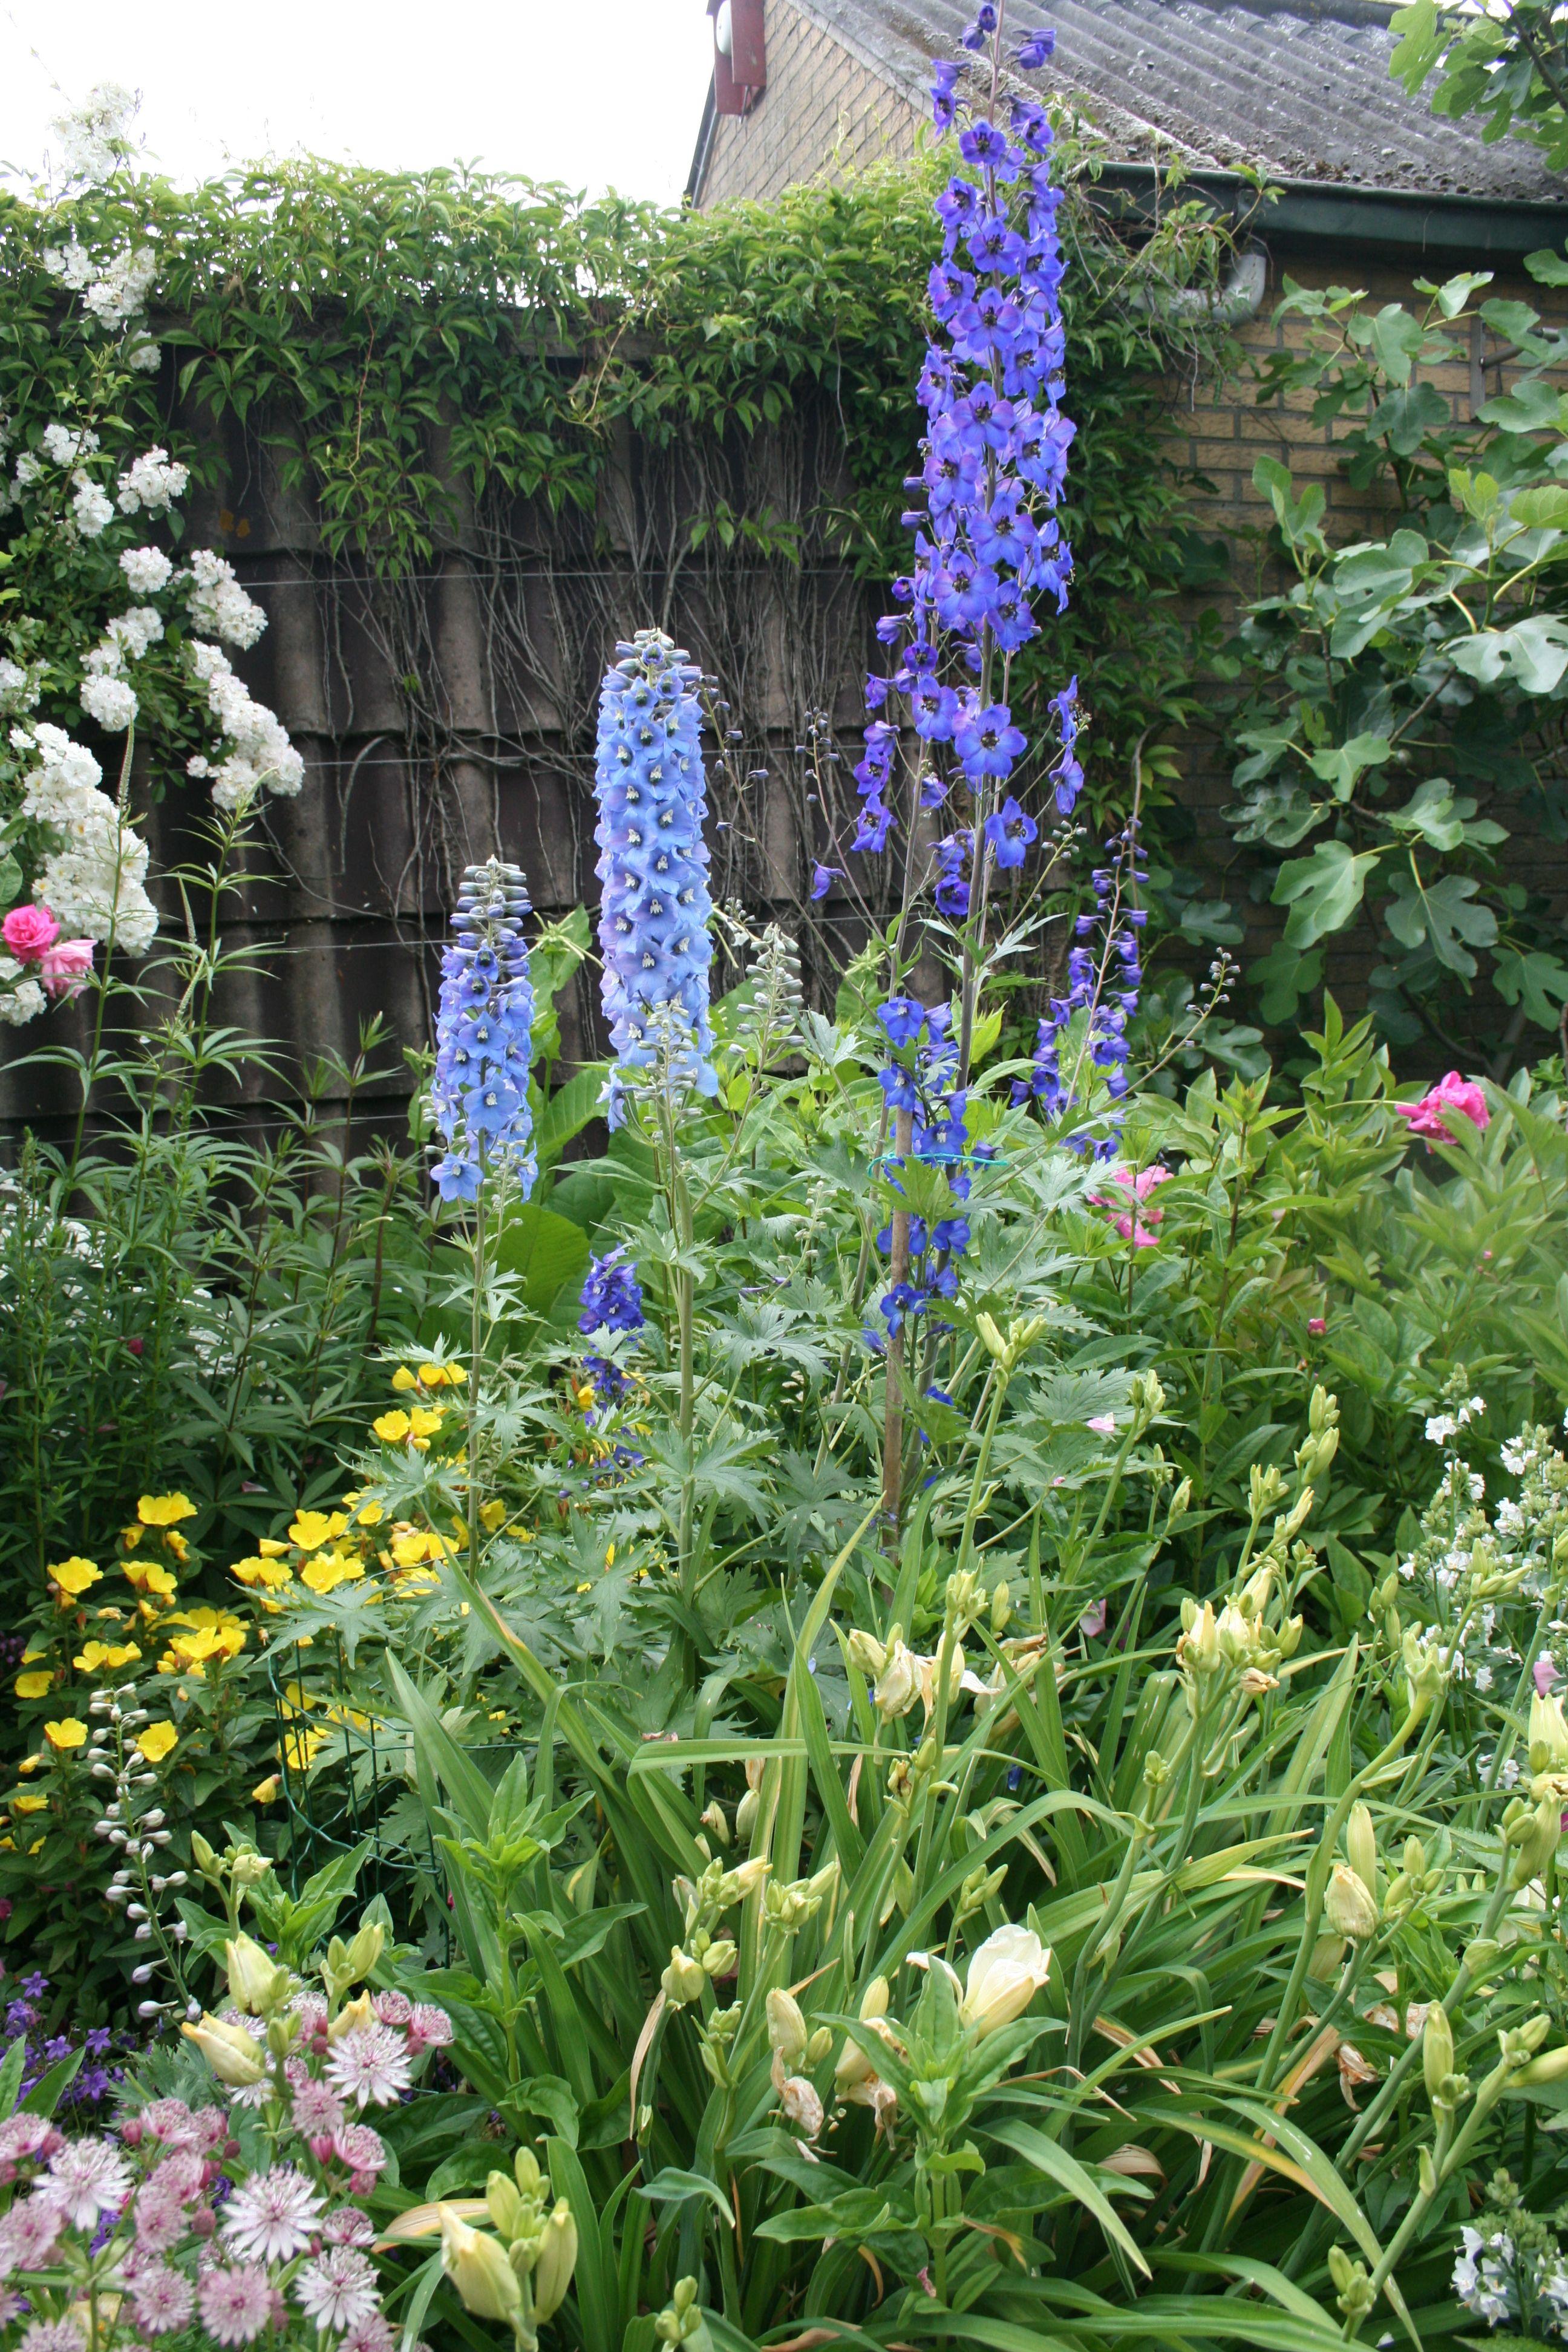 Inspirierend Blumenbeet Beispiele Schema